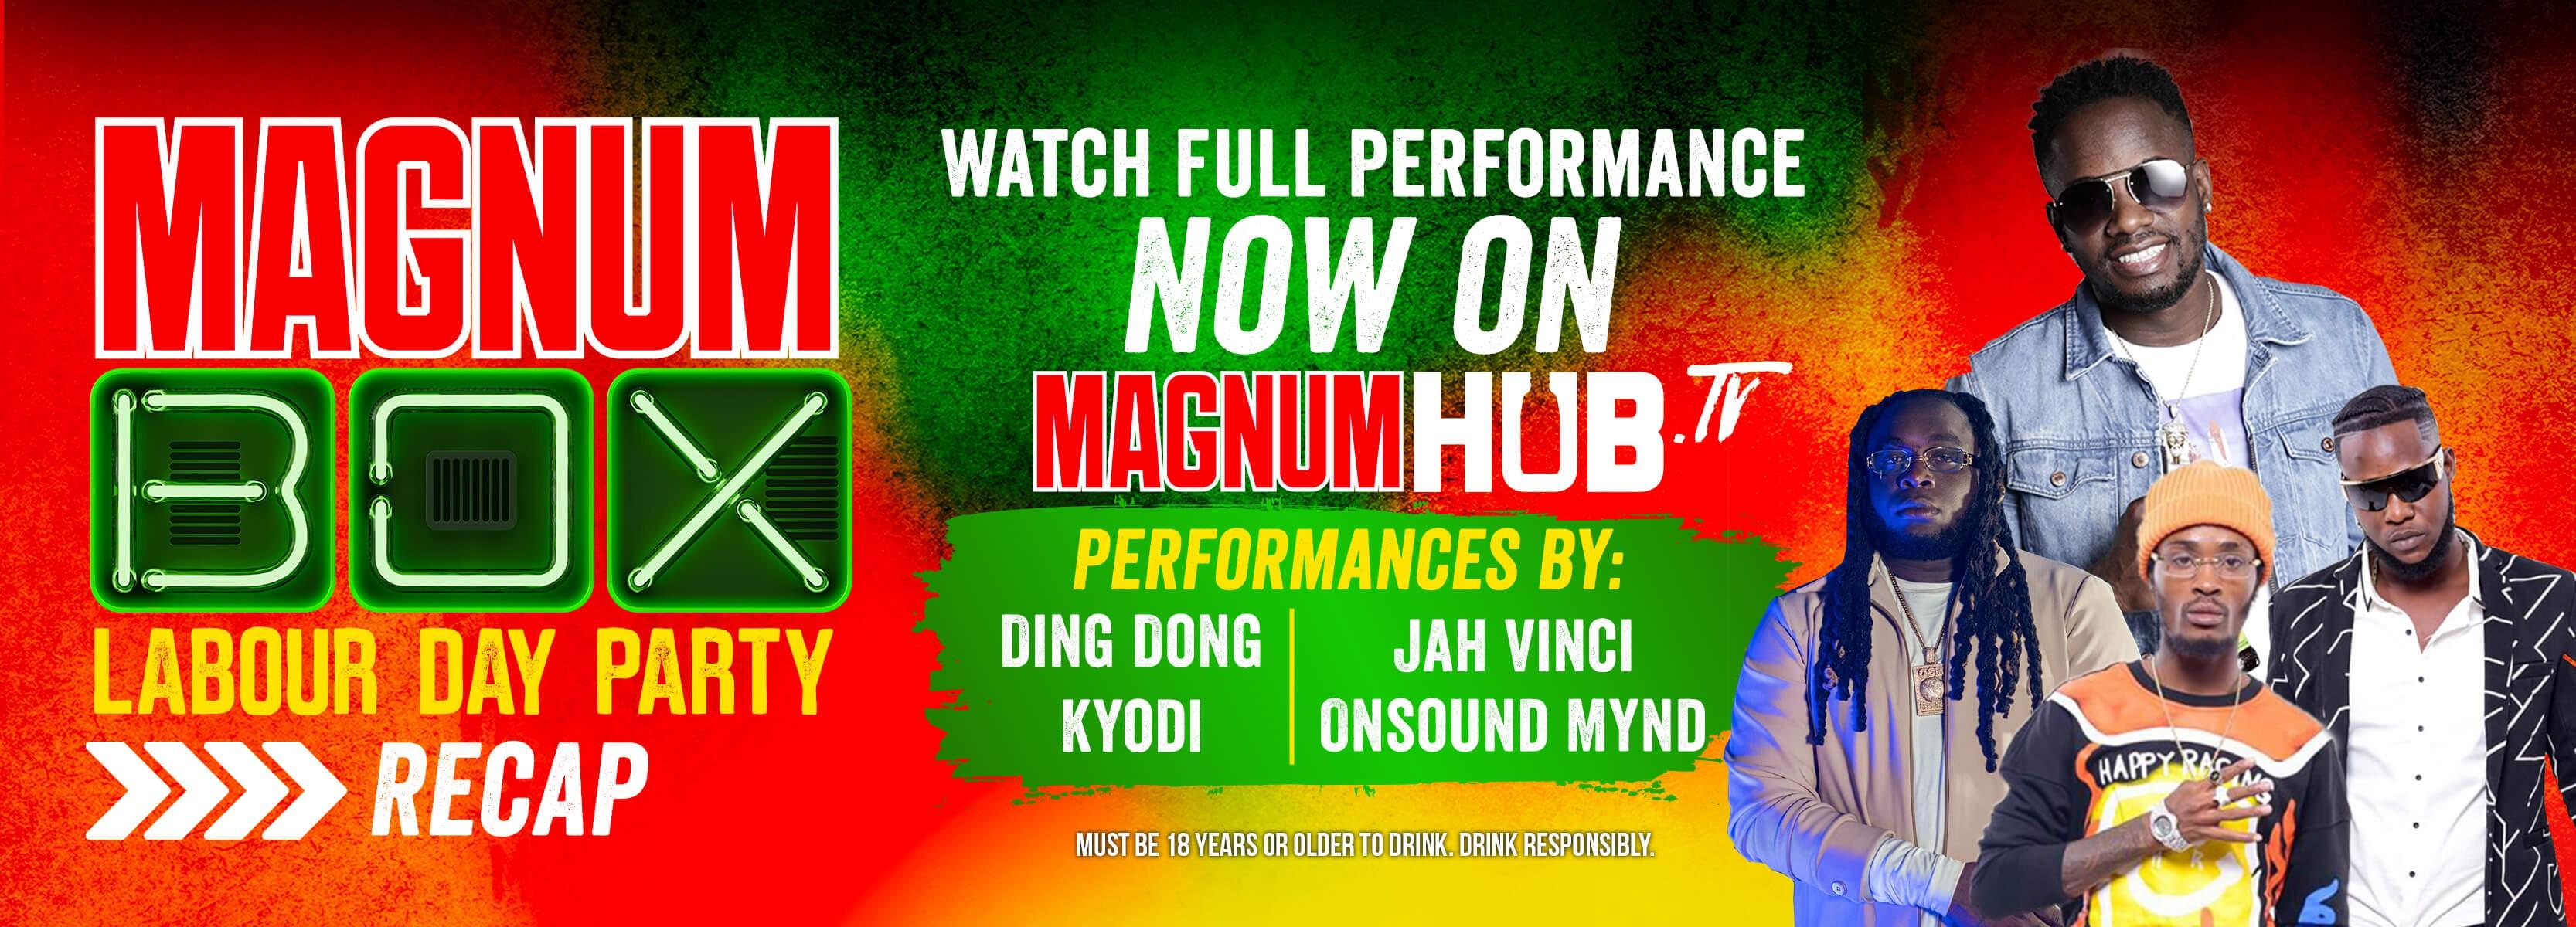 Magnum Box Performances